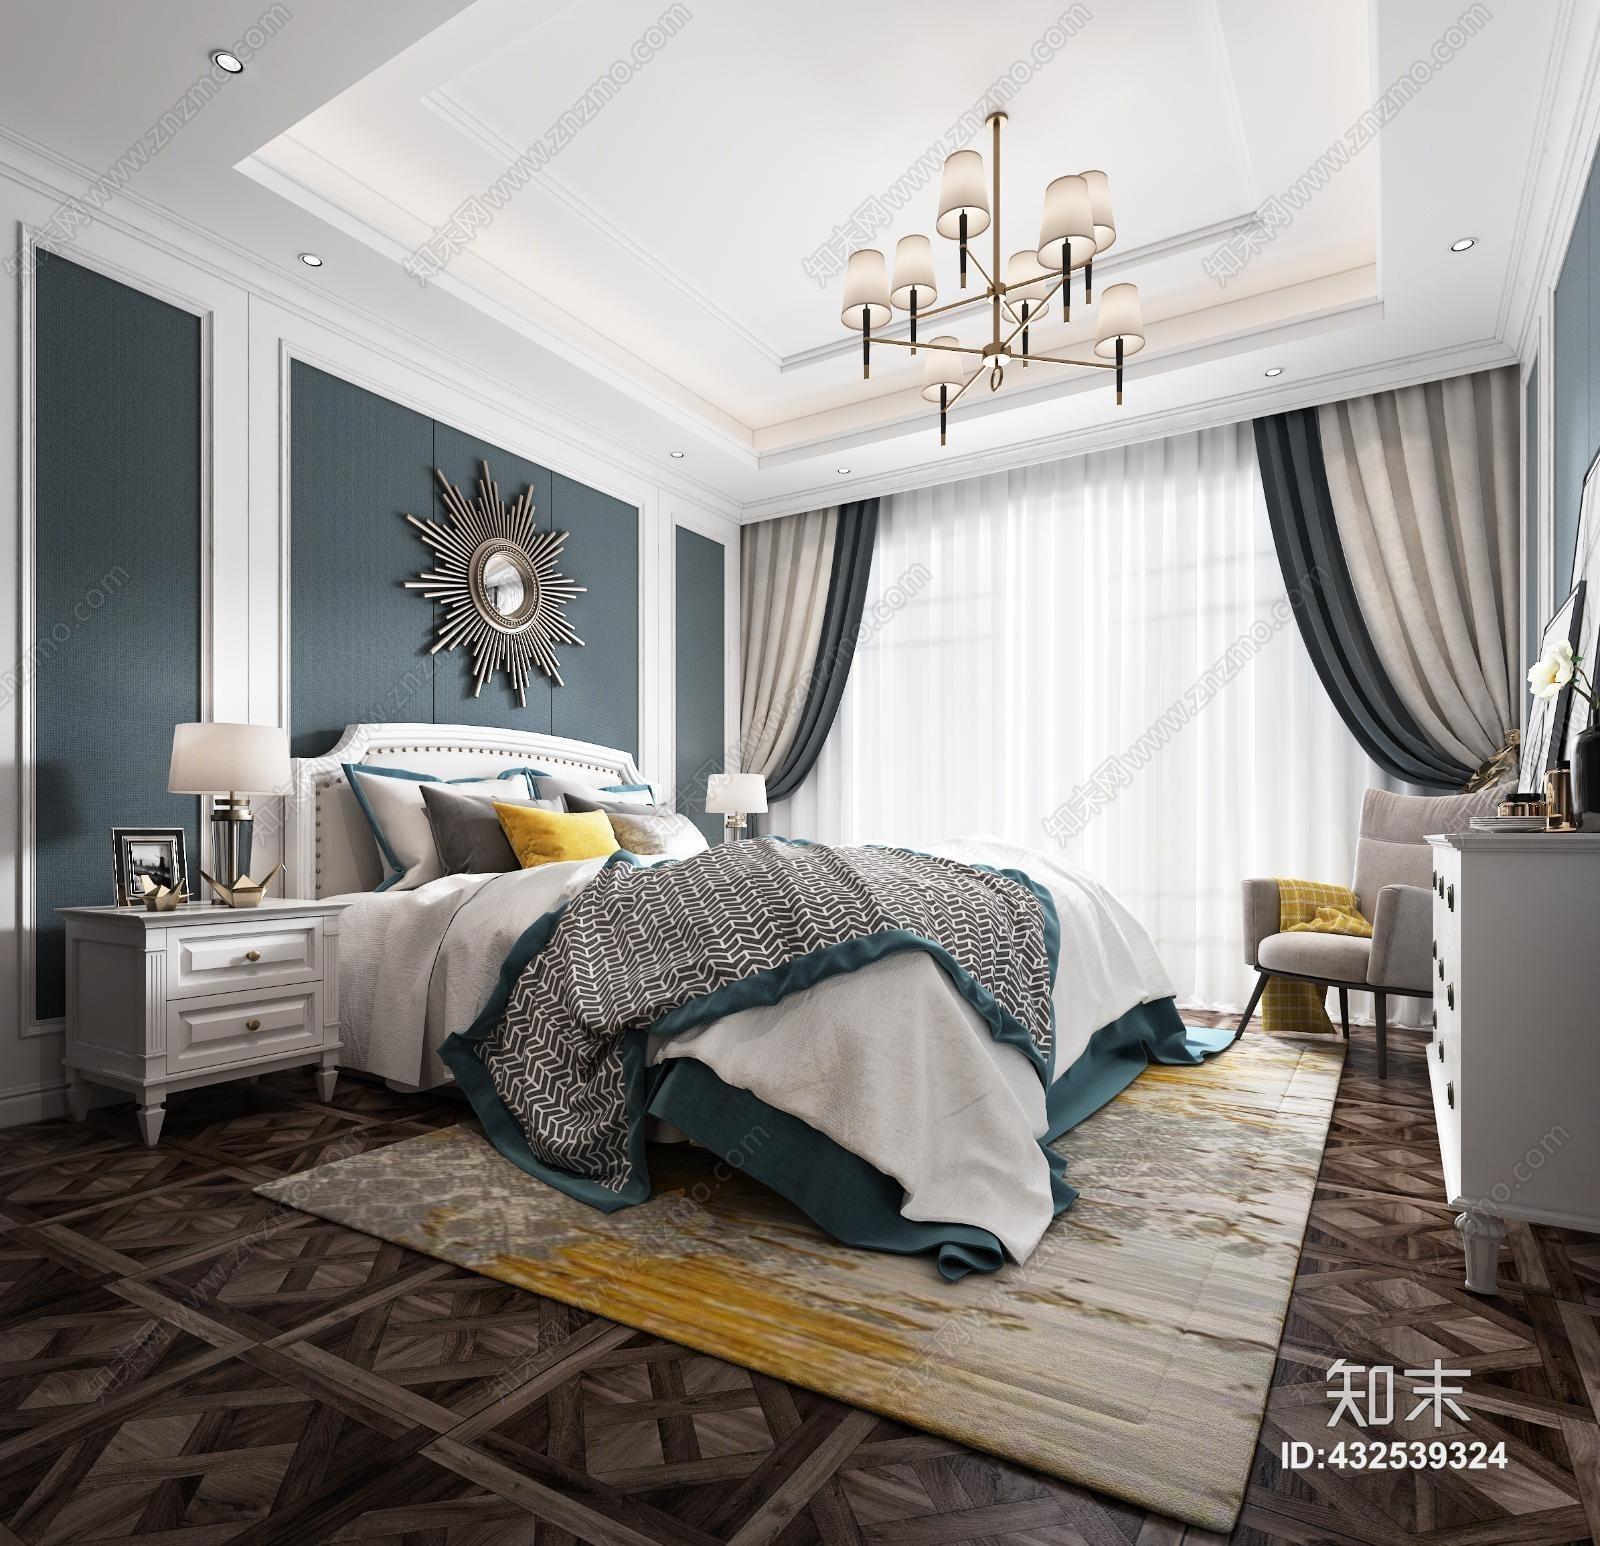 简欧欧式主人房 床 吊灯 台灯 床头柜 窗帘 地毯